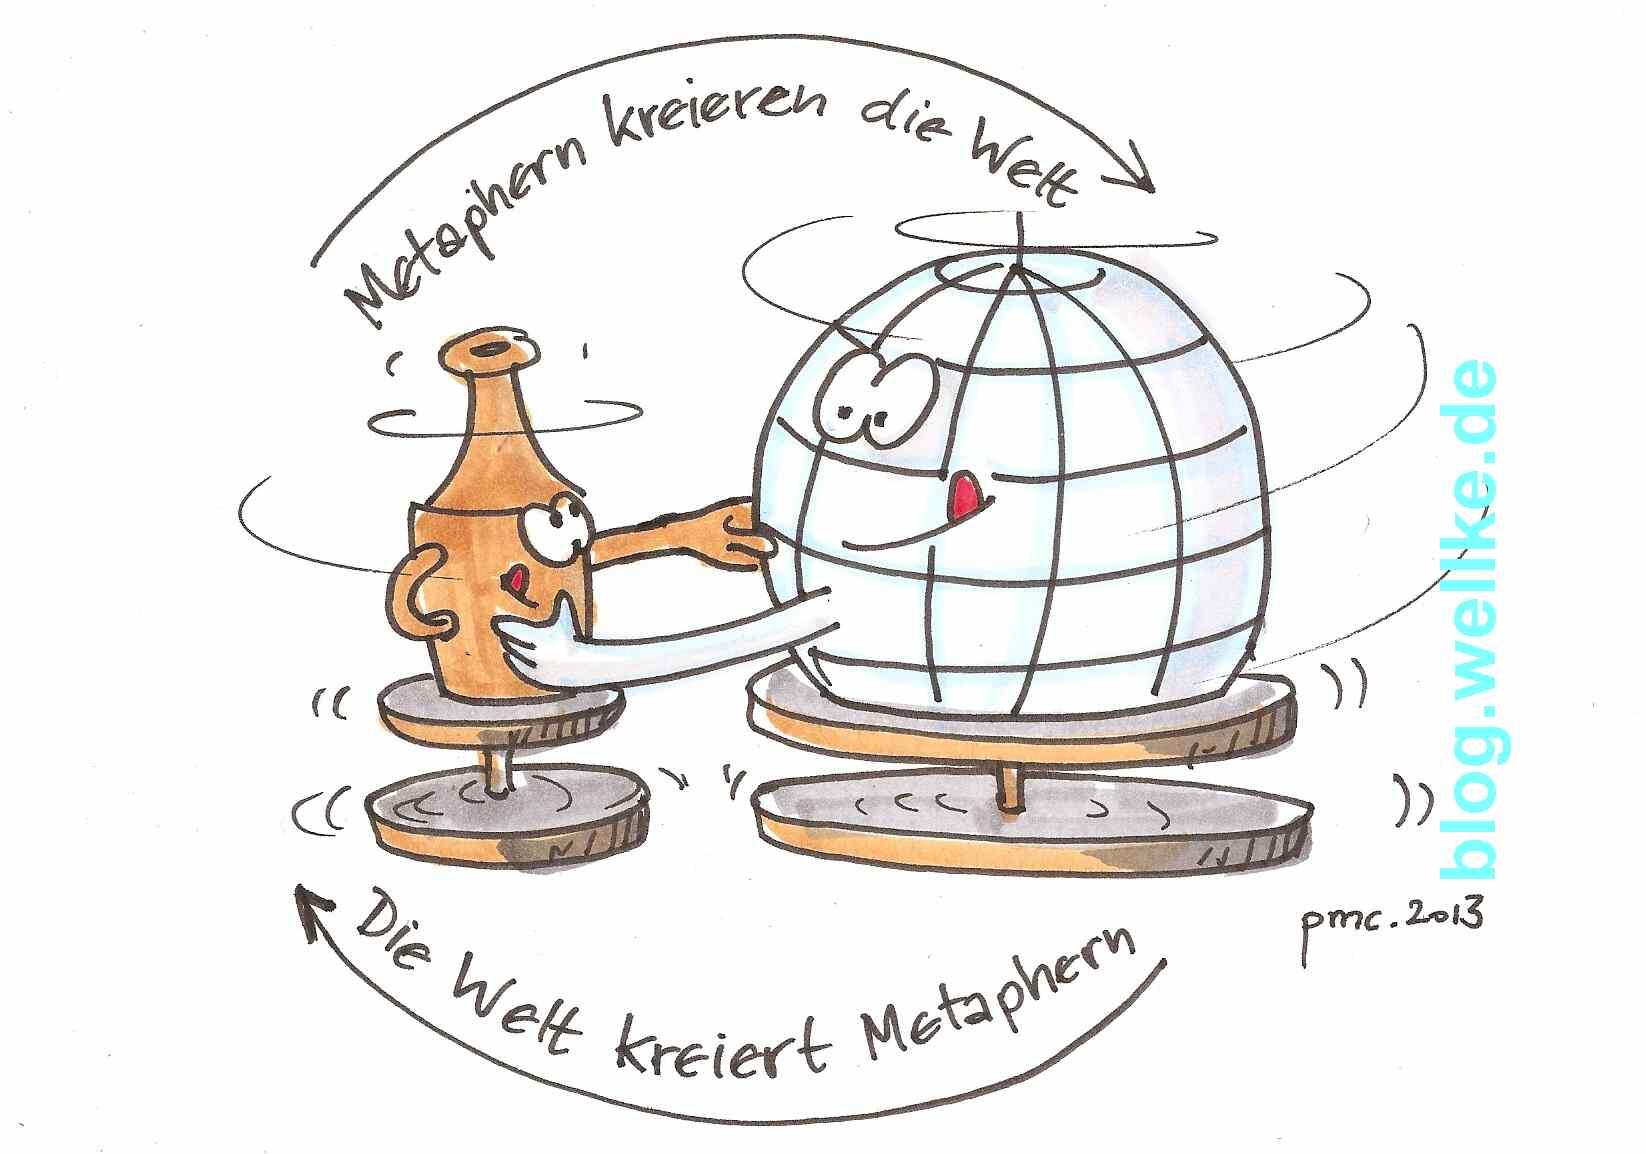 9 - Metaphern kreieren die Welt_wir kreieren Metaphern_Metaphern in der Organisaitonsentwicklung_Graphic Recording_Hans-Peter Wellke